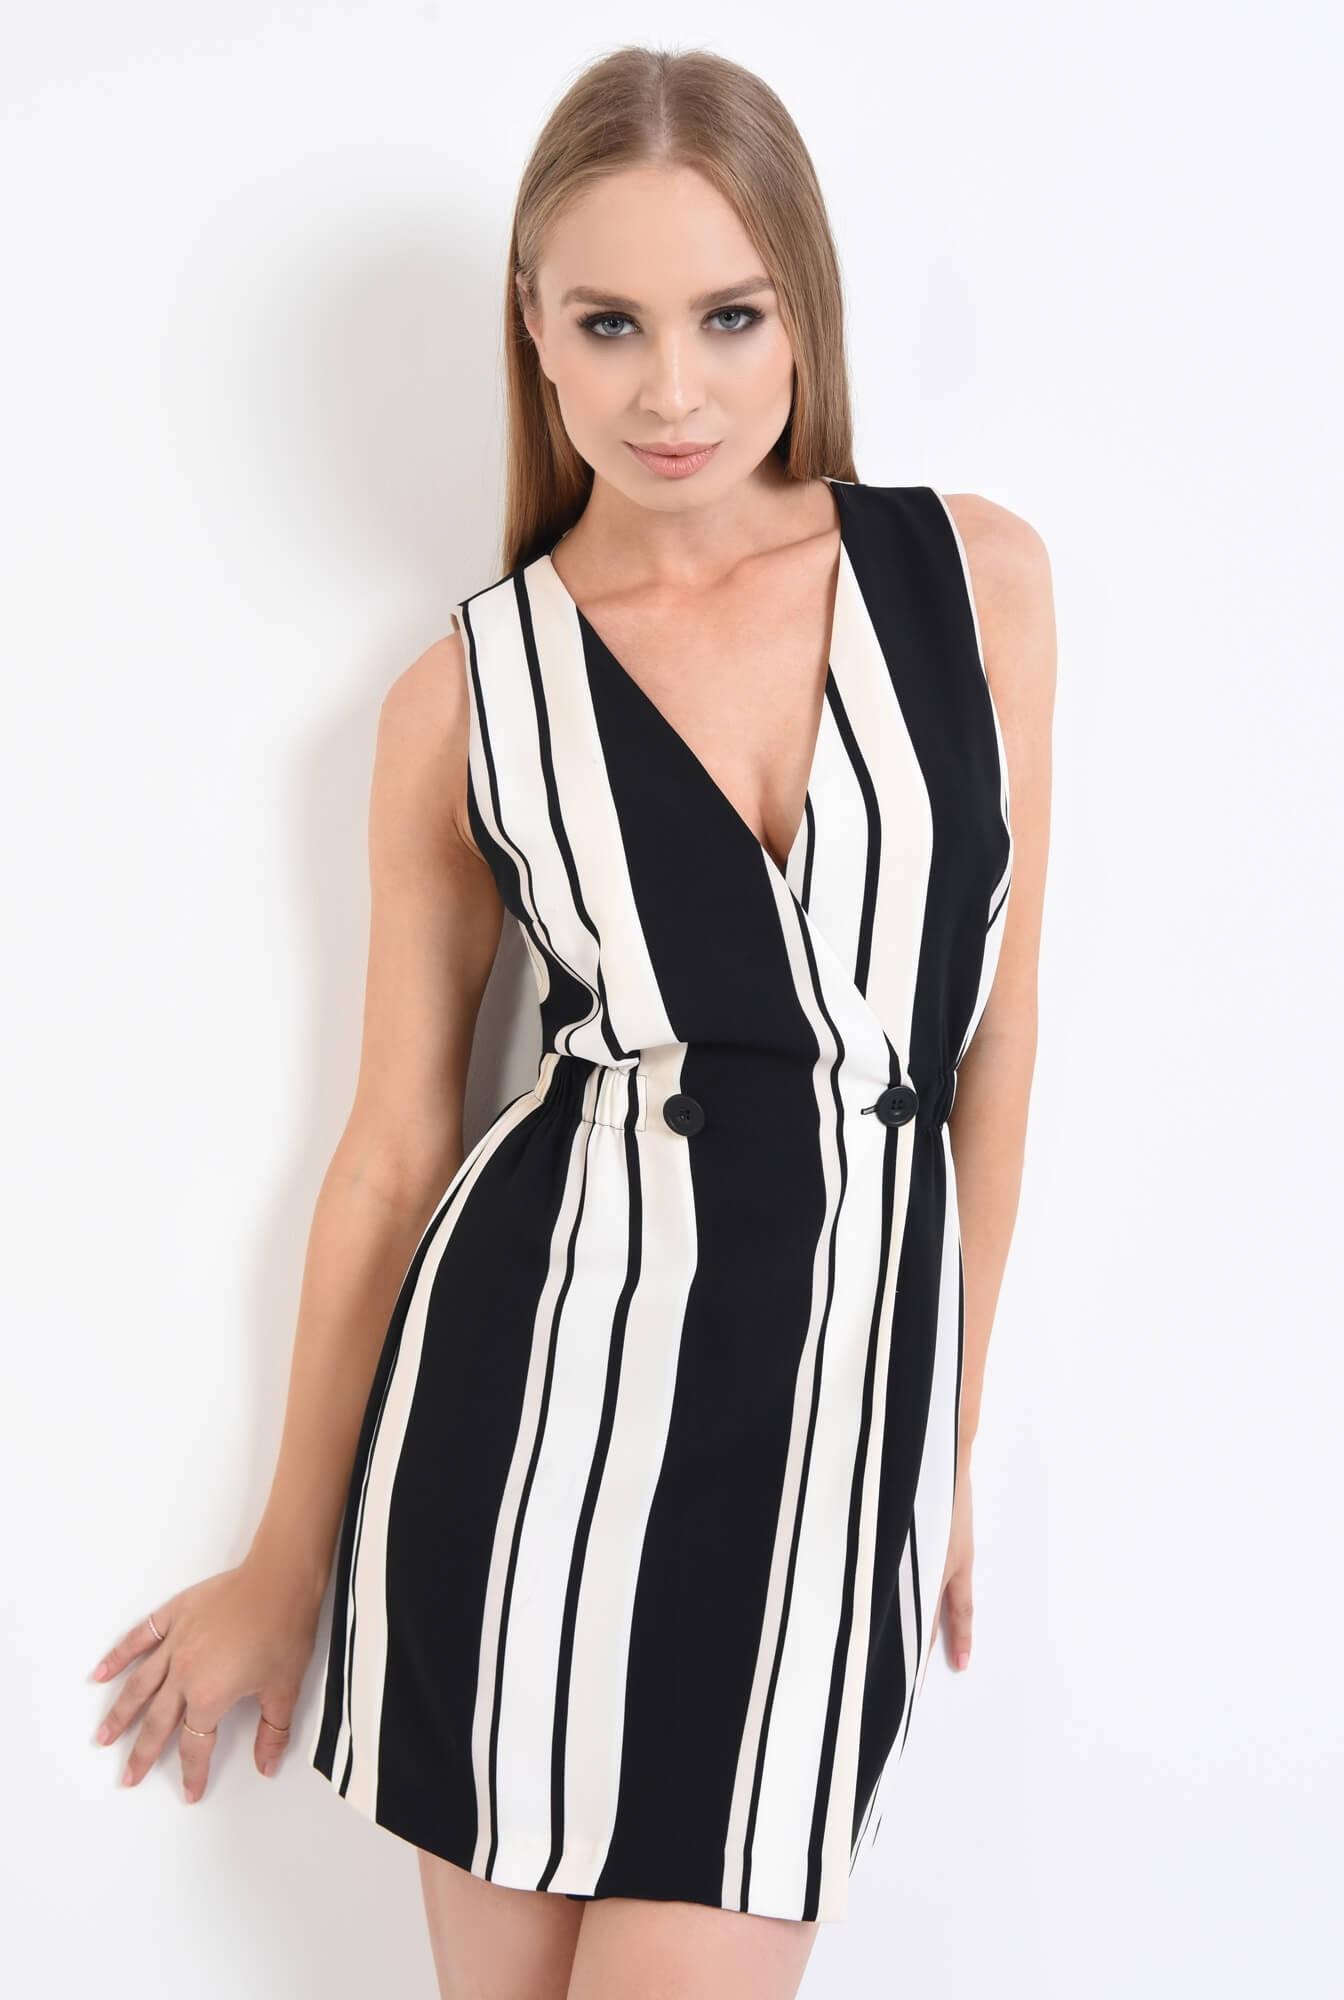 3 - rochie eleganta, cu imprimeu, dungi, alb-negru, scurta, rochie de ocazie